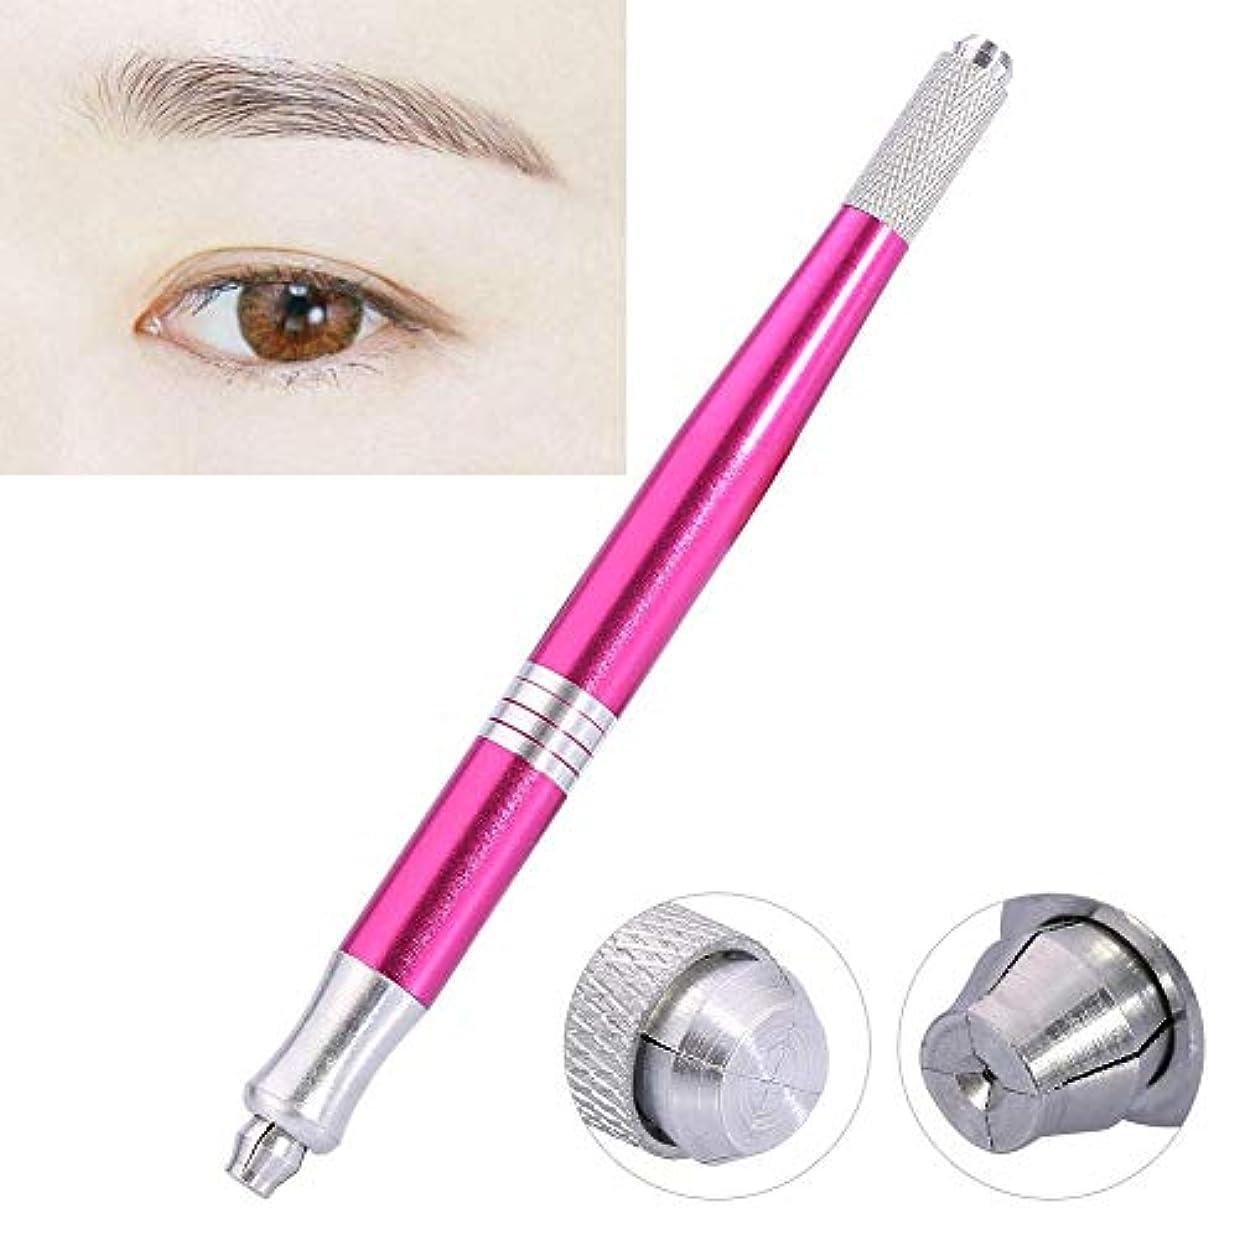 タトゥーペン - 眉毛タトゥーペンマニュアルマイクロブレードペンアイライナーリップ、手刺繍アイブロウペンシル - ウォーターフォグの眉毛を作成します